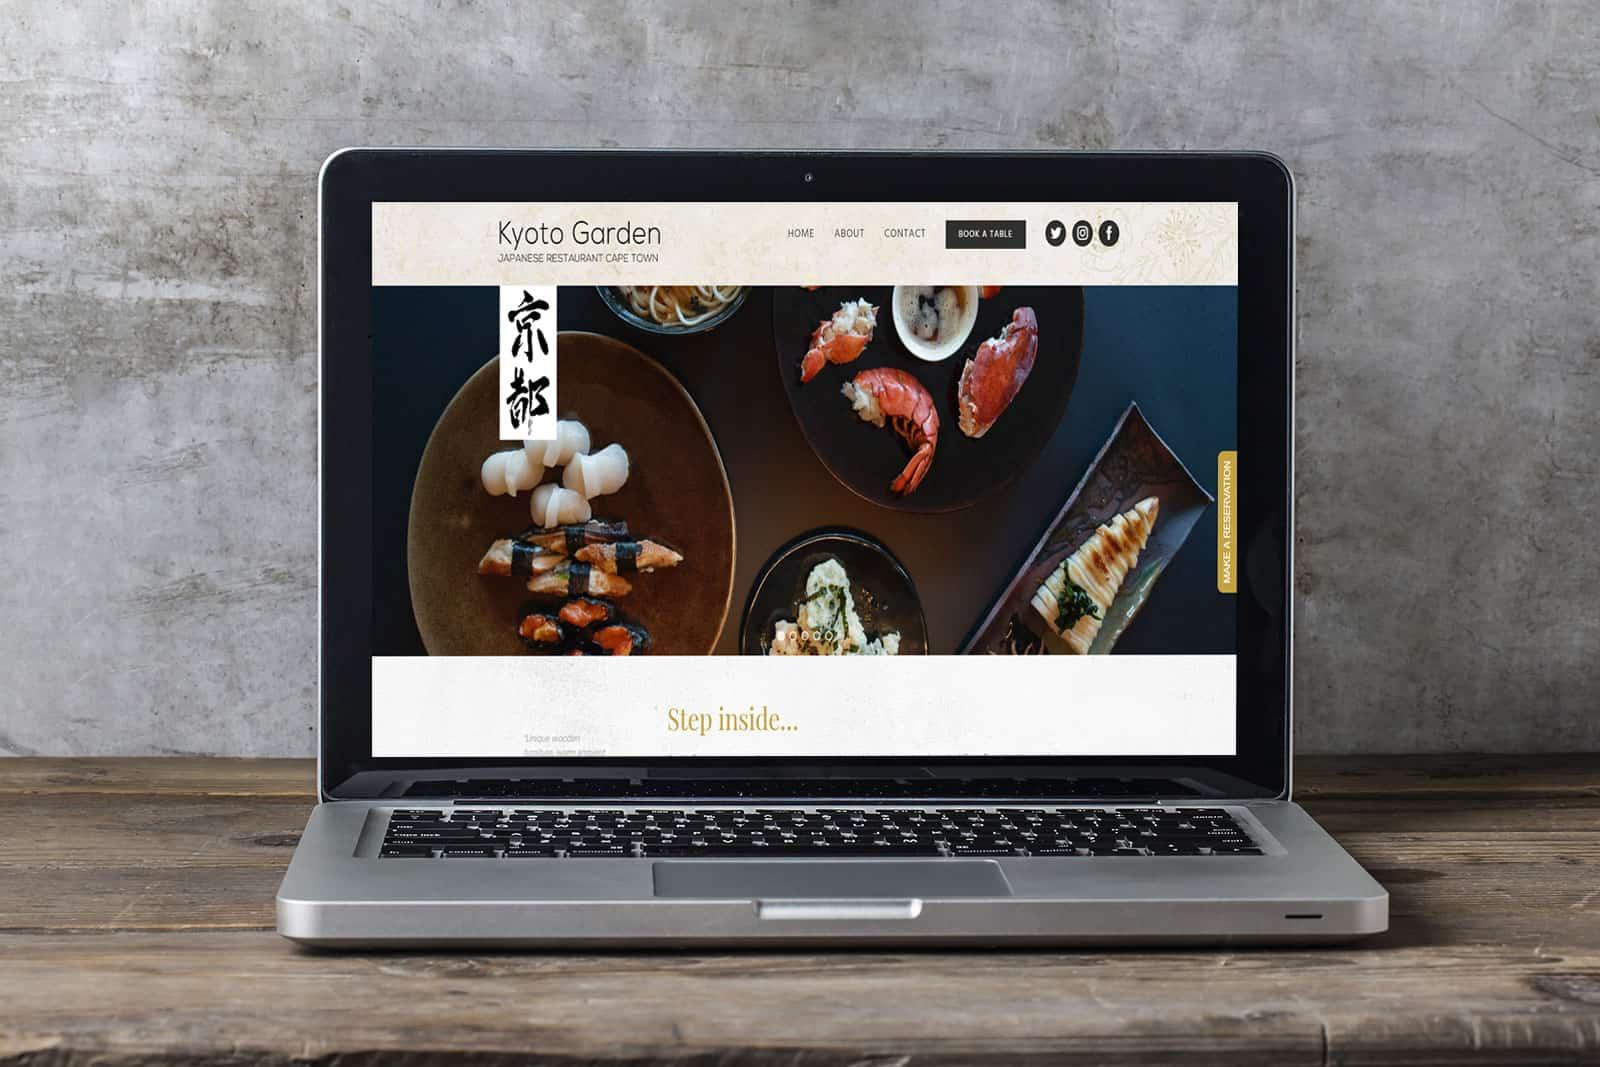 kyoto garden japanese restaurant